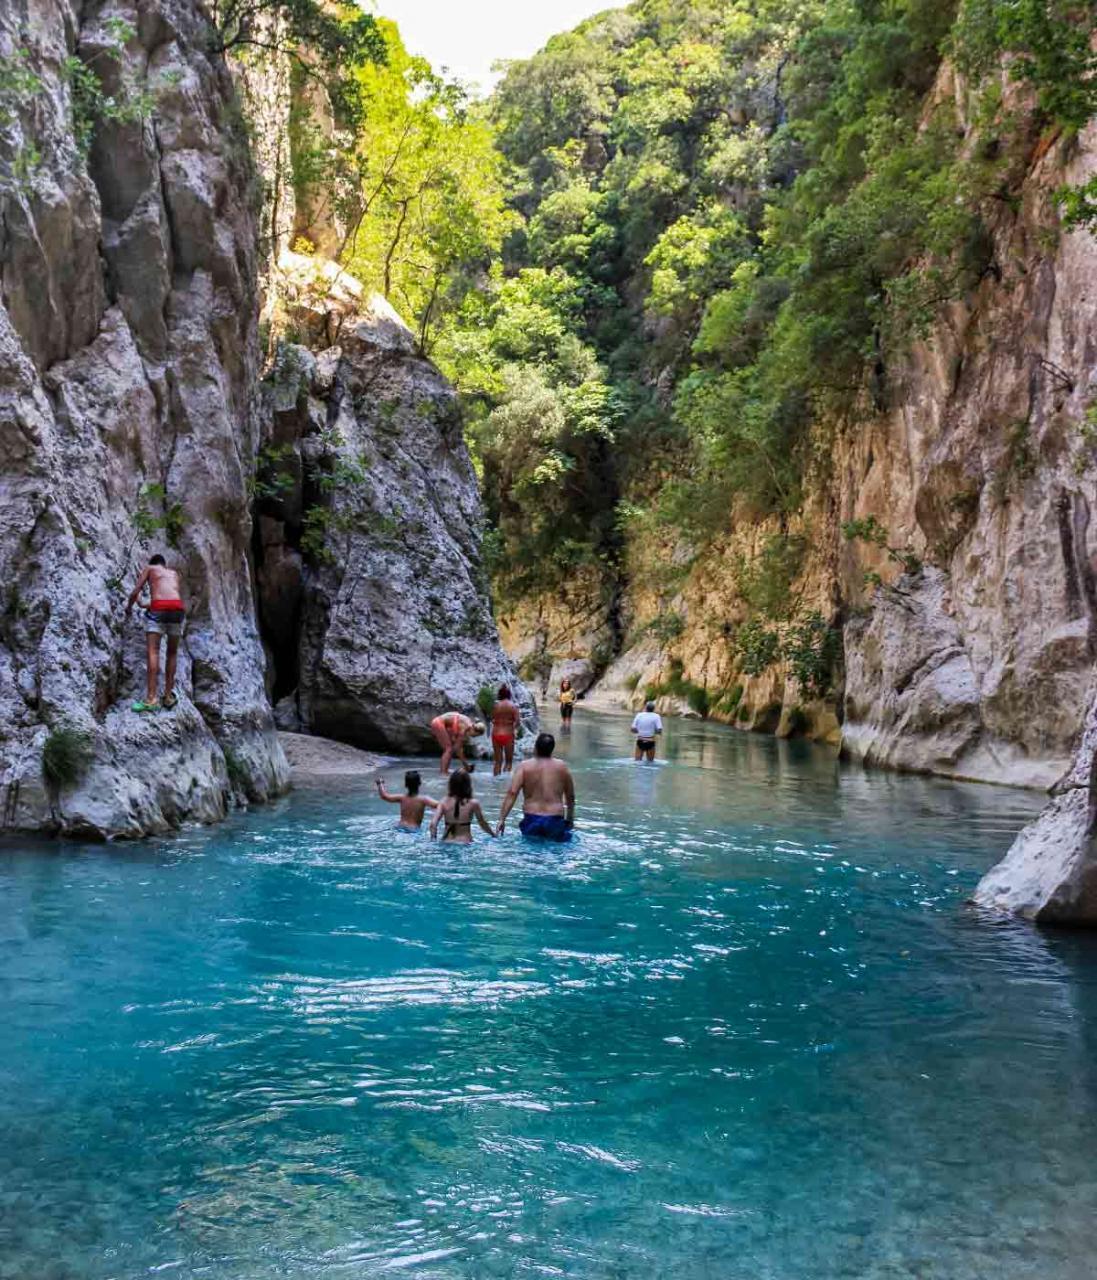 ахерон греция, экскурсия к мистической реке.